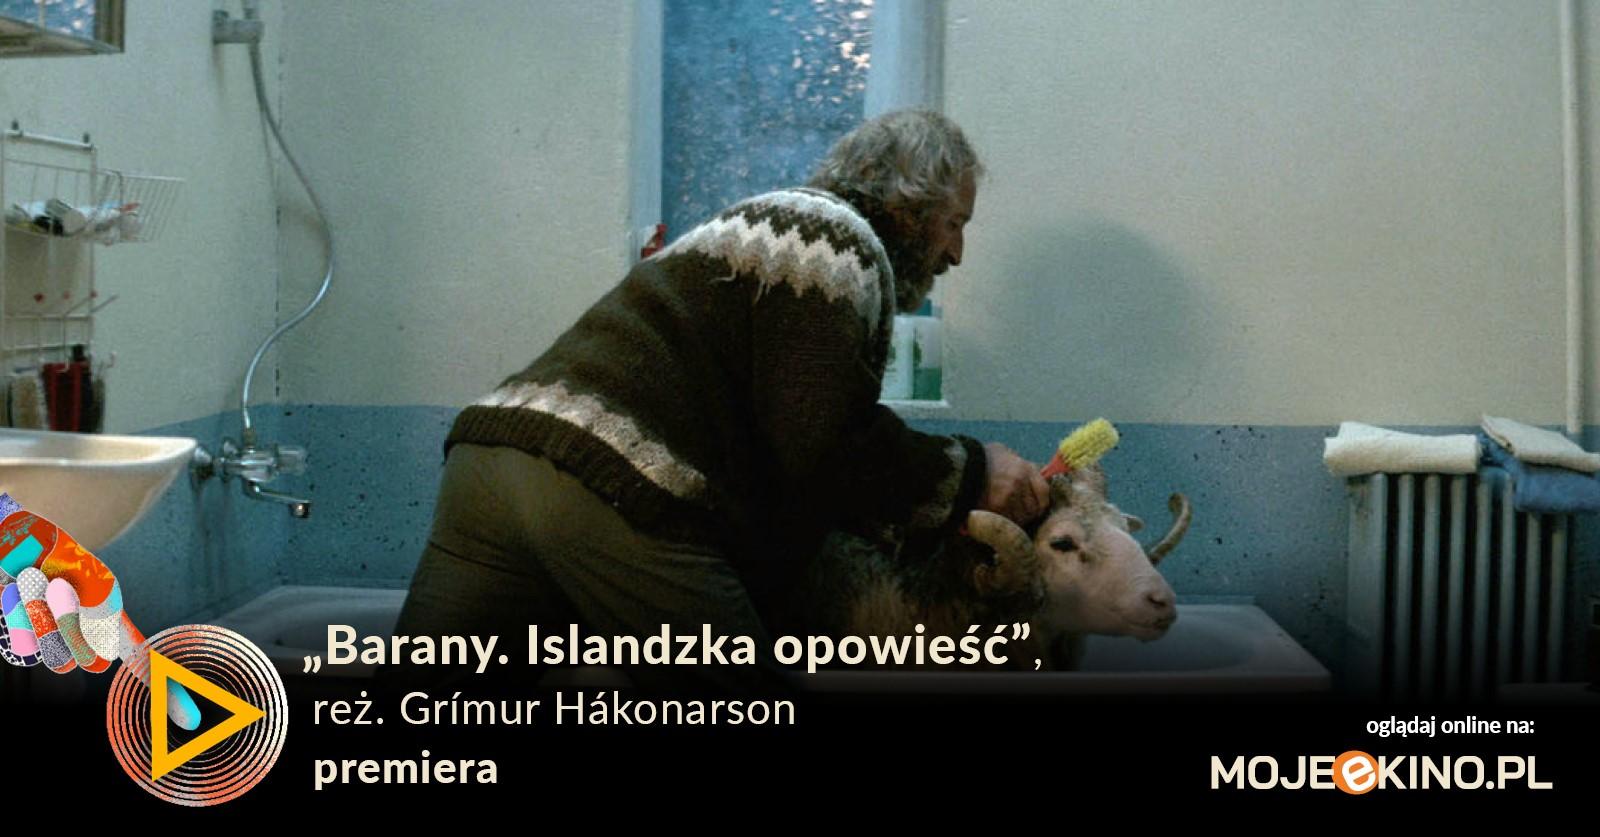 """Komediodramat """"Barany. Islandzka opowieść"""" w wirtualnym Kinie CSK - Zdjęcie główne"""